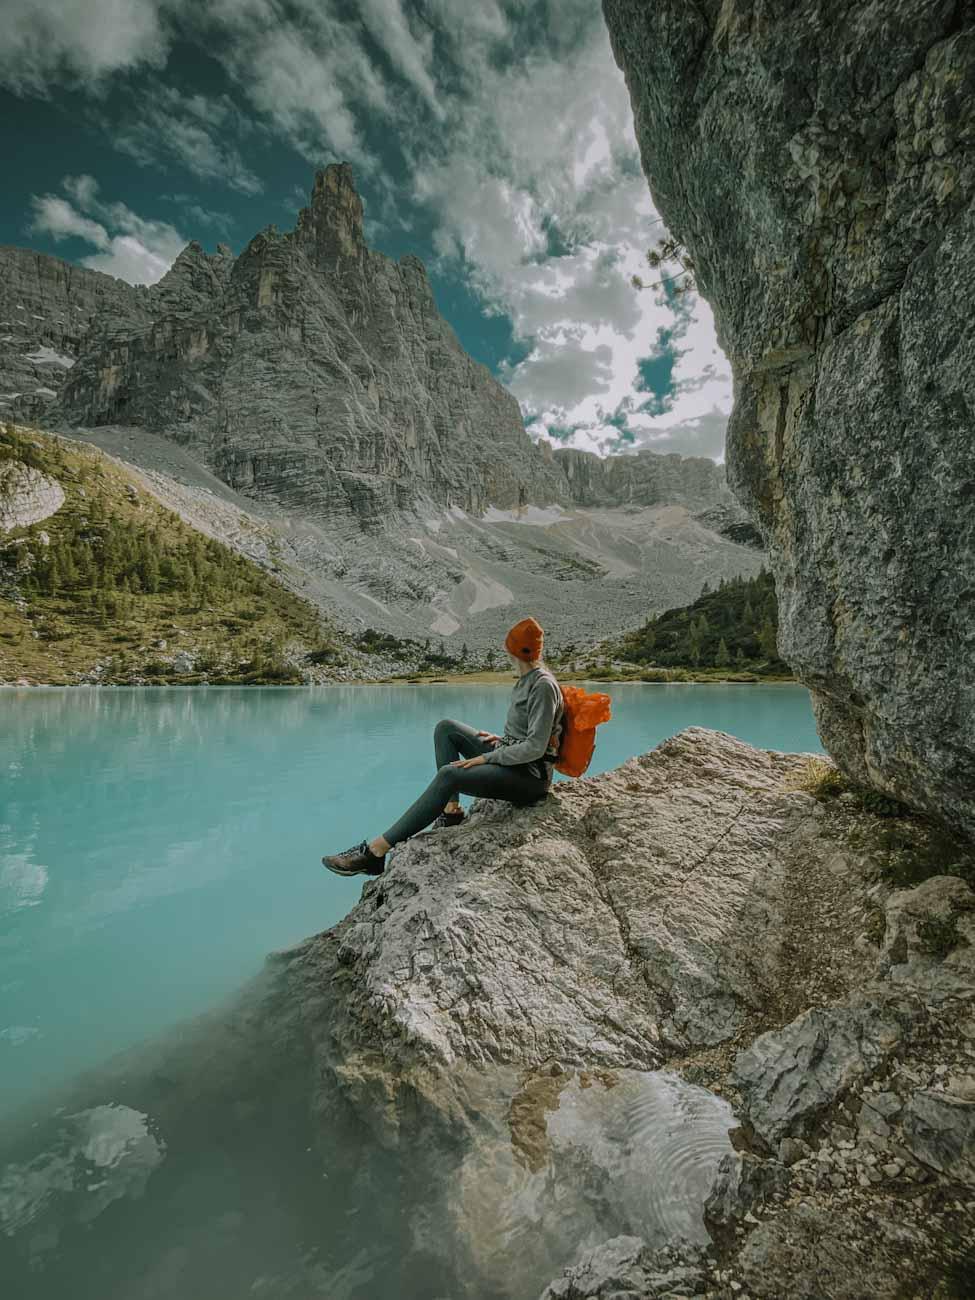 Lago di Sorapis najpiękniejsze jezioro w Alpach, Dolomity we Włoszech, góry, trekking we Włoszech, włoskie wakacje,